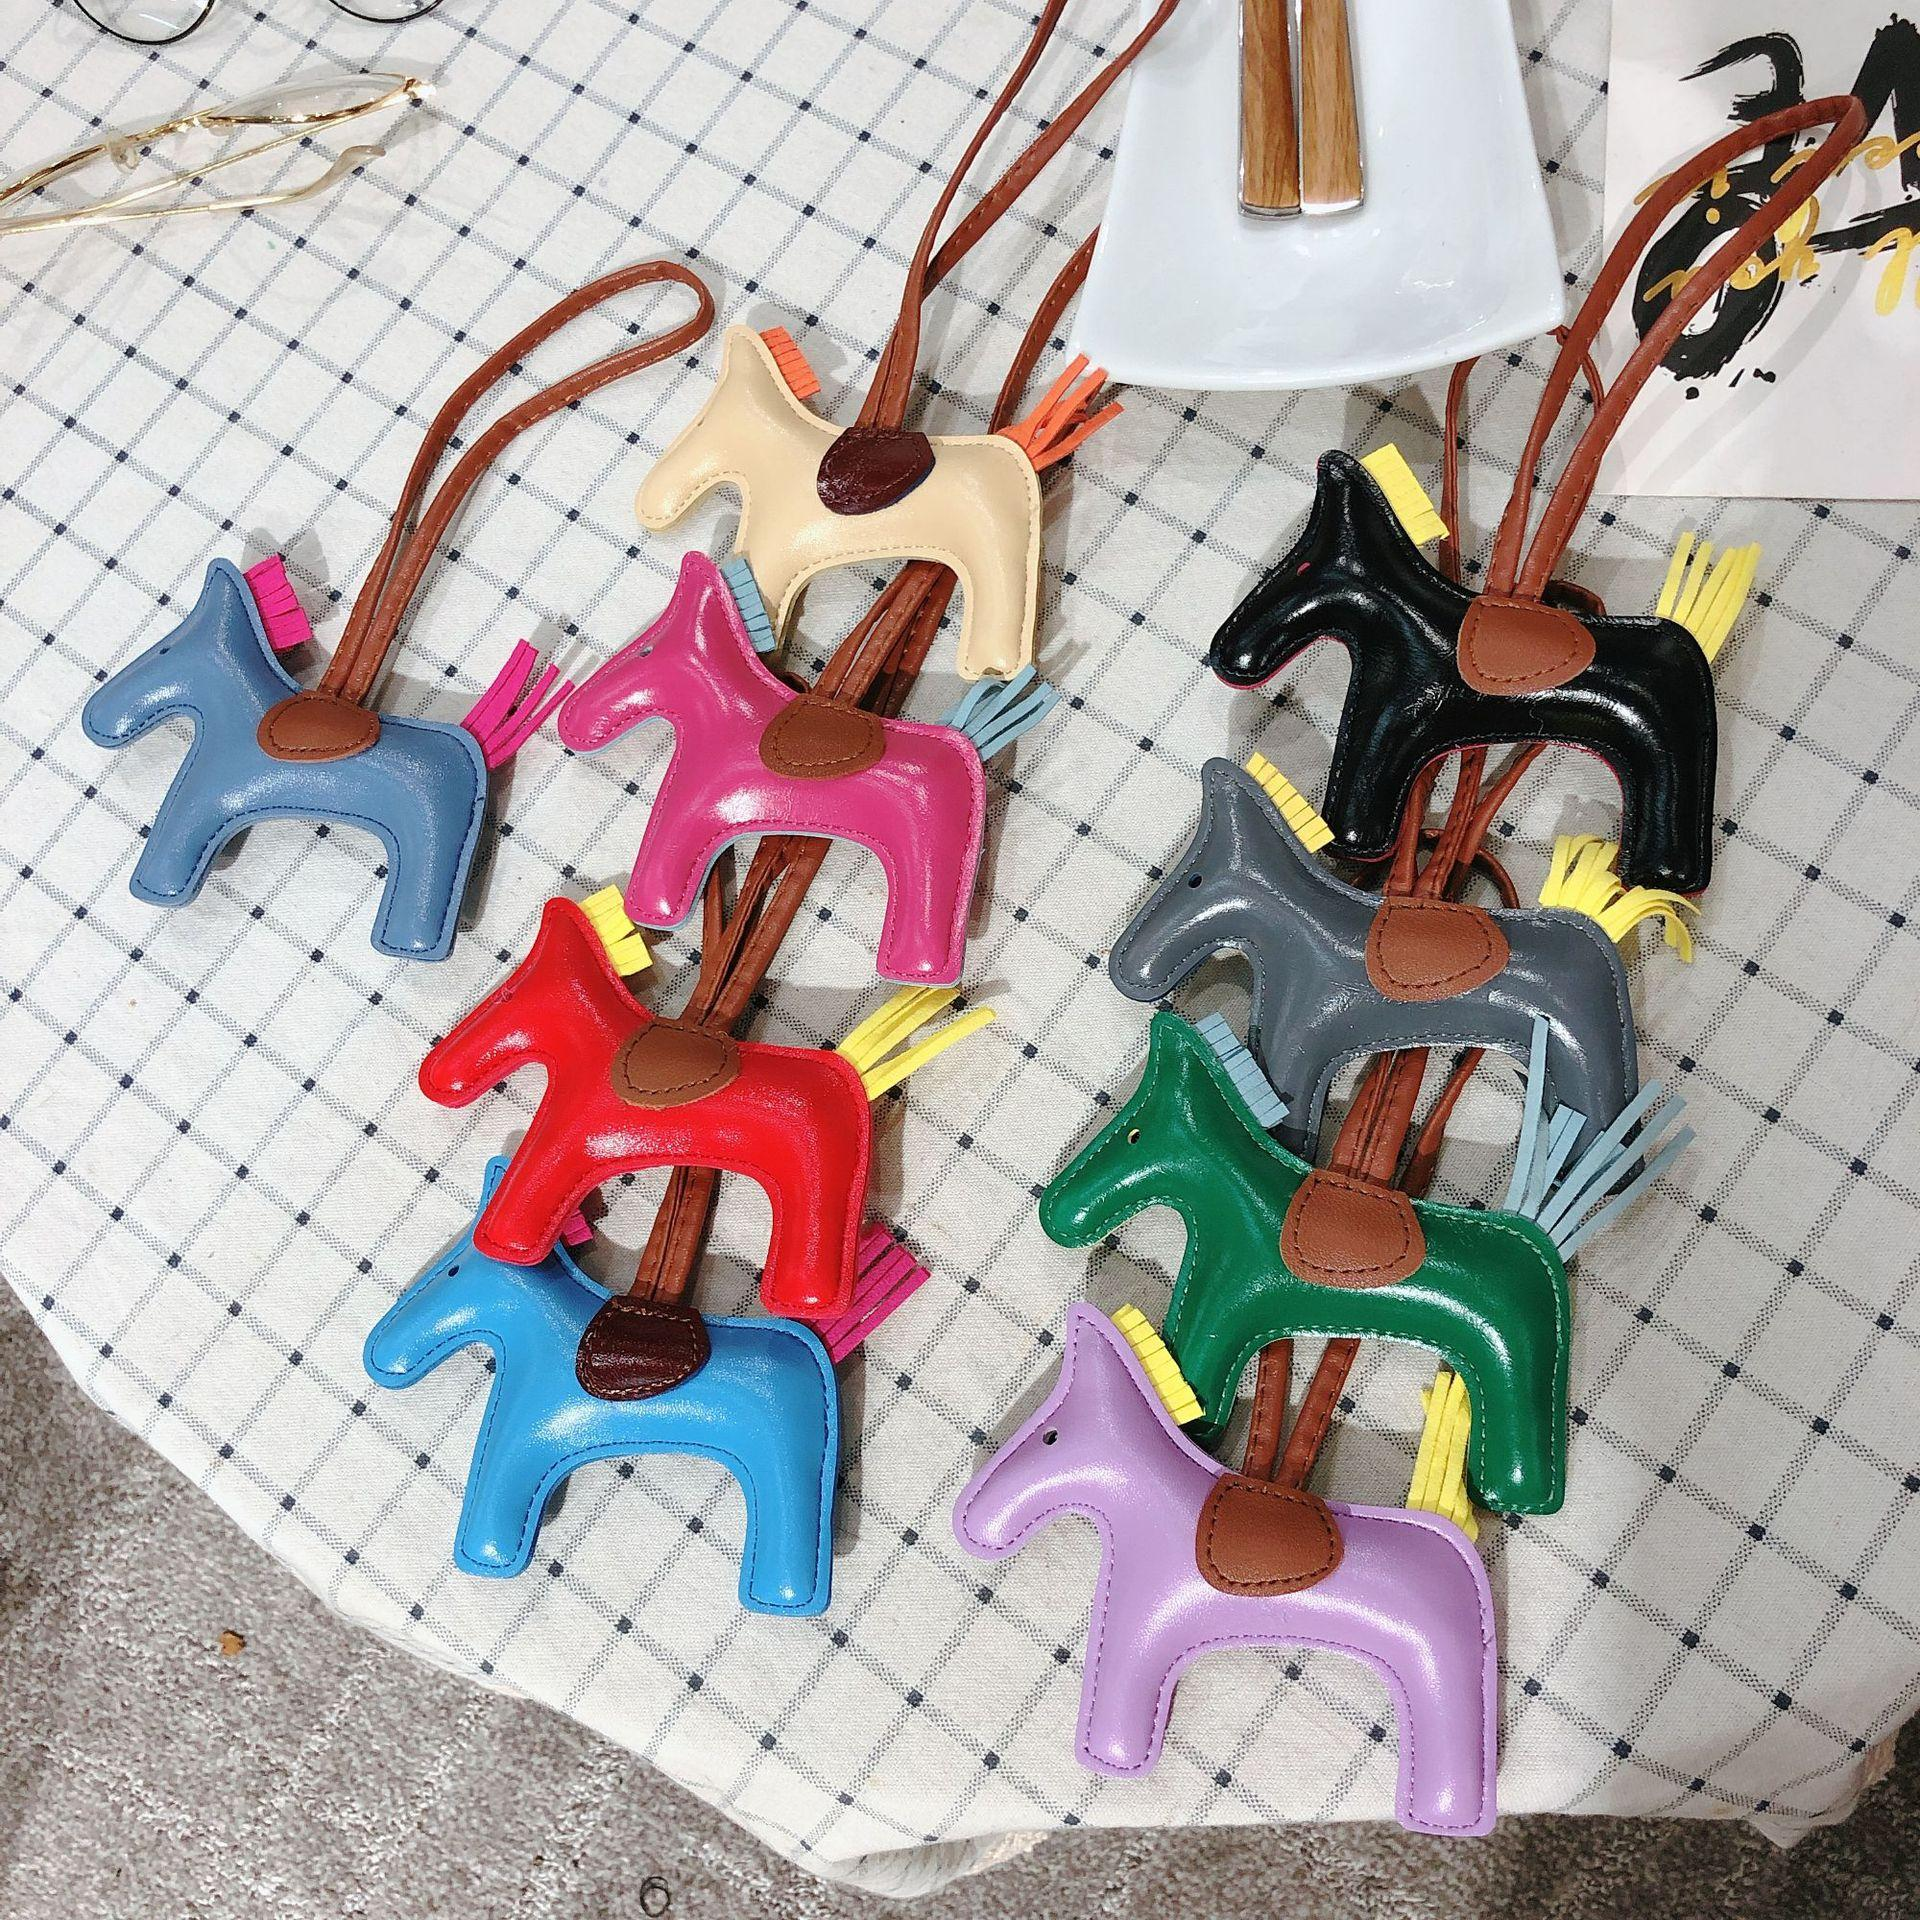 Tutta la vendita h sacchetto di marca cavallo in pelle appeso ornamenti ornamenti a buon mercato per il sacchetto K Sacchetto Appeso Ornamenti 100% a mano fare